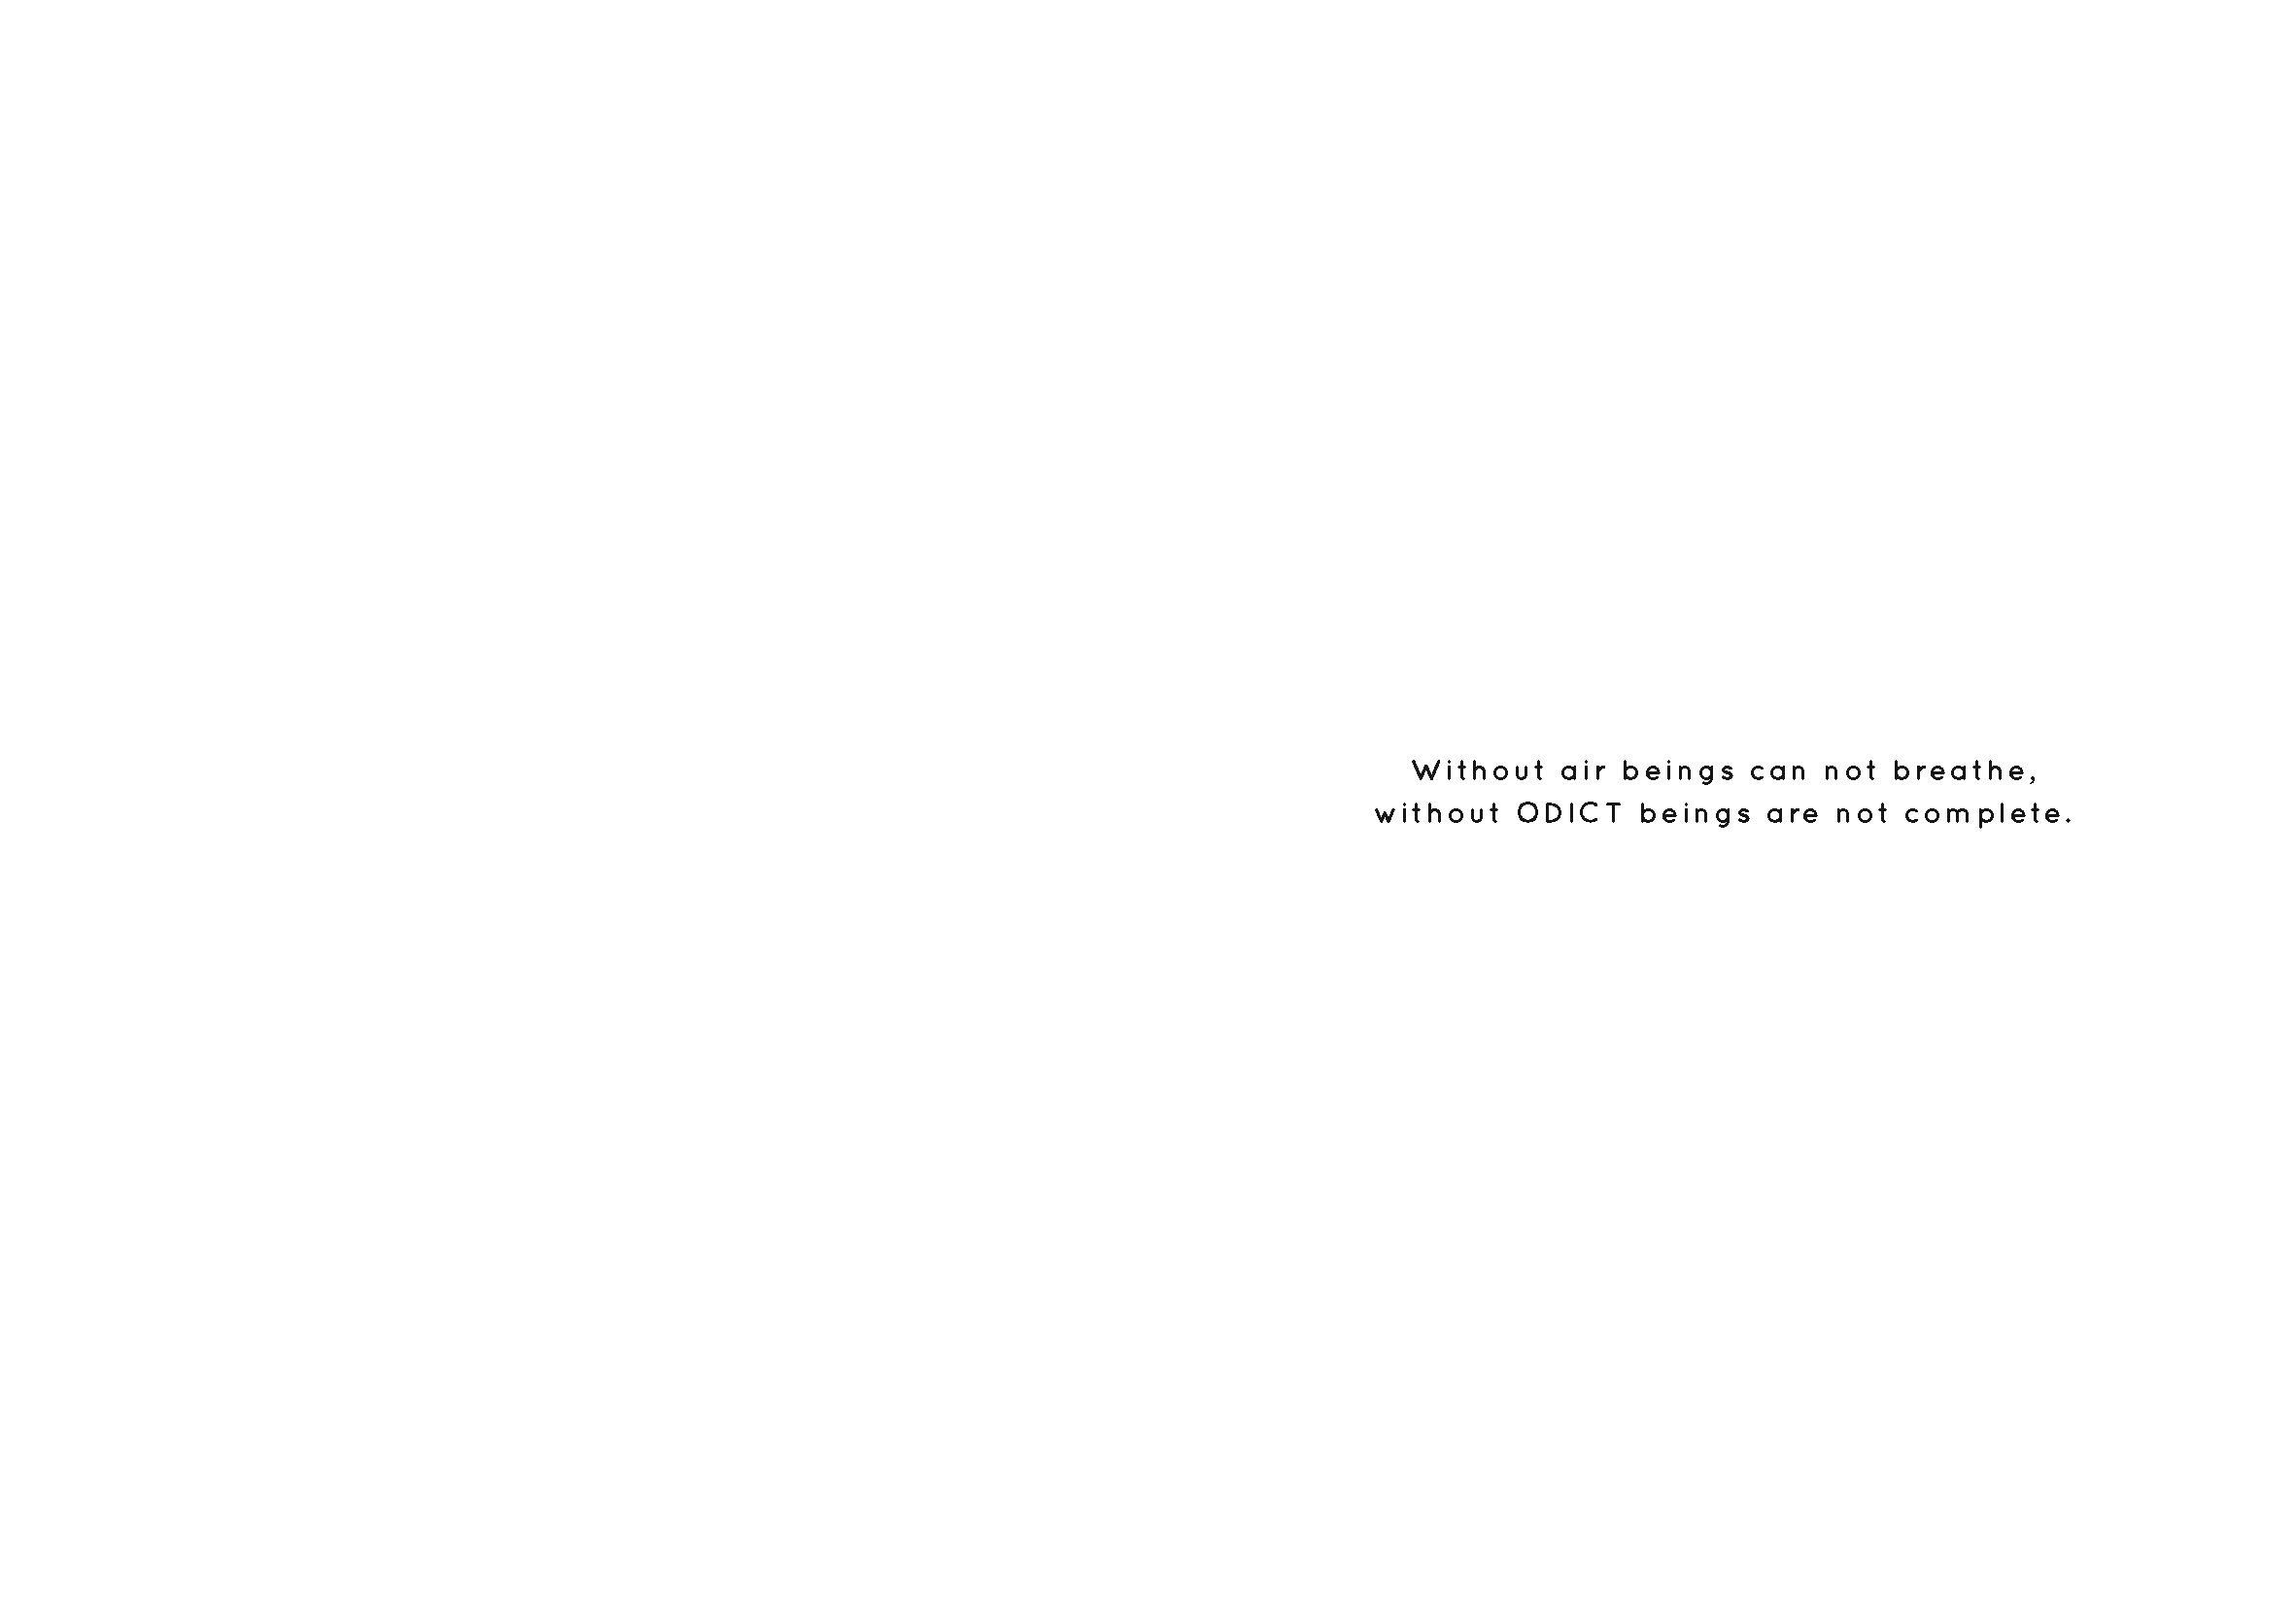 DAS-Odict-LOOKBOOK-spread_Page_11.jpg